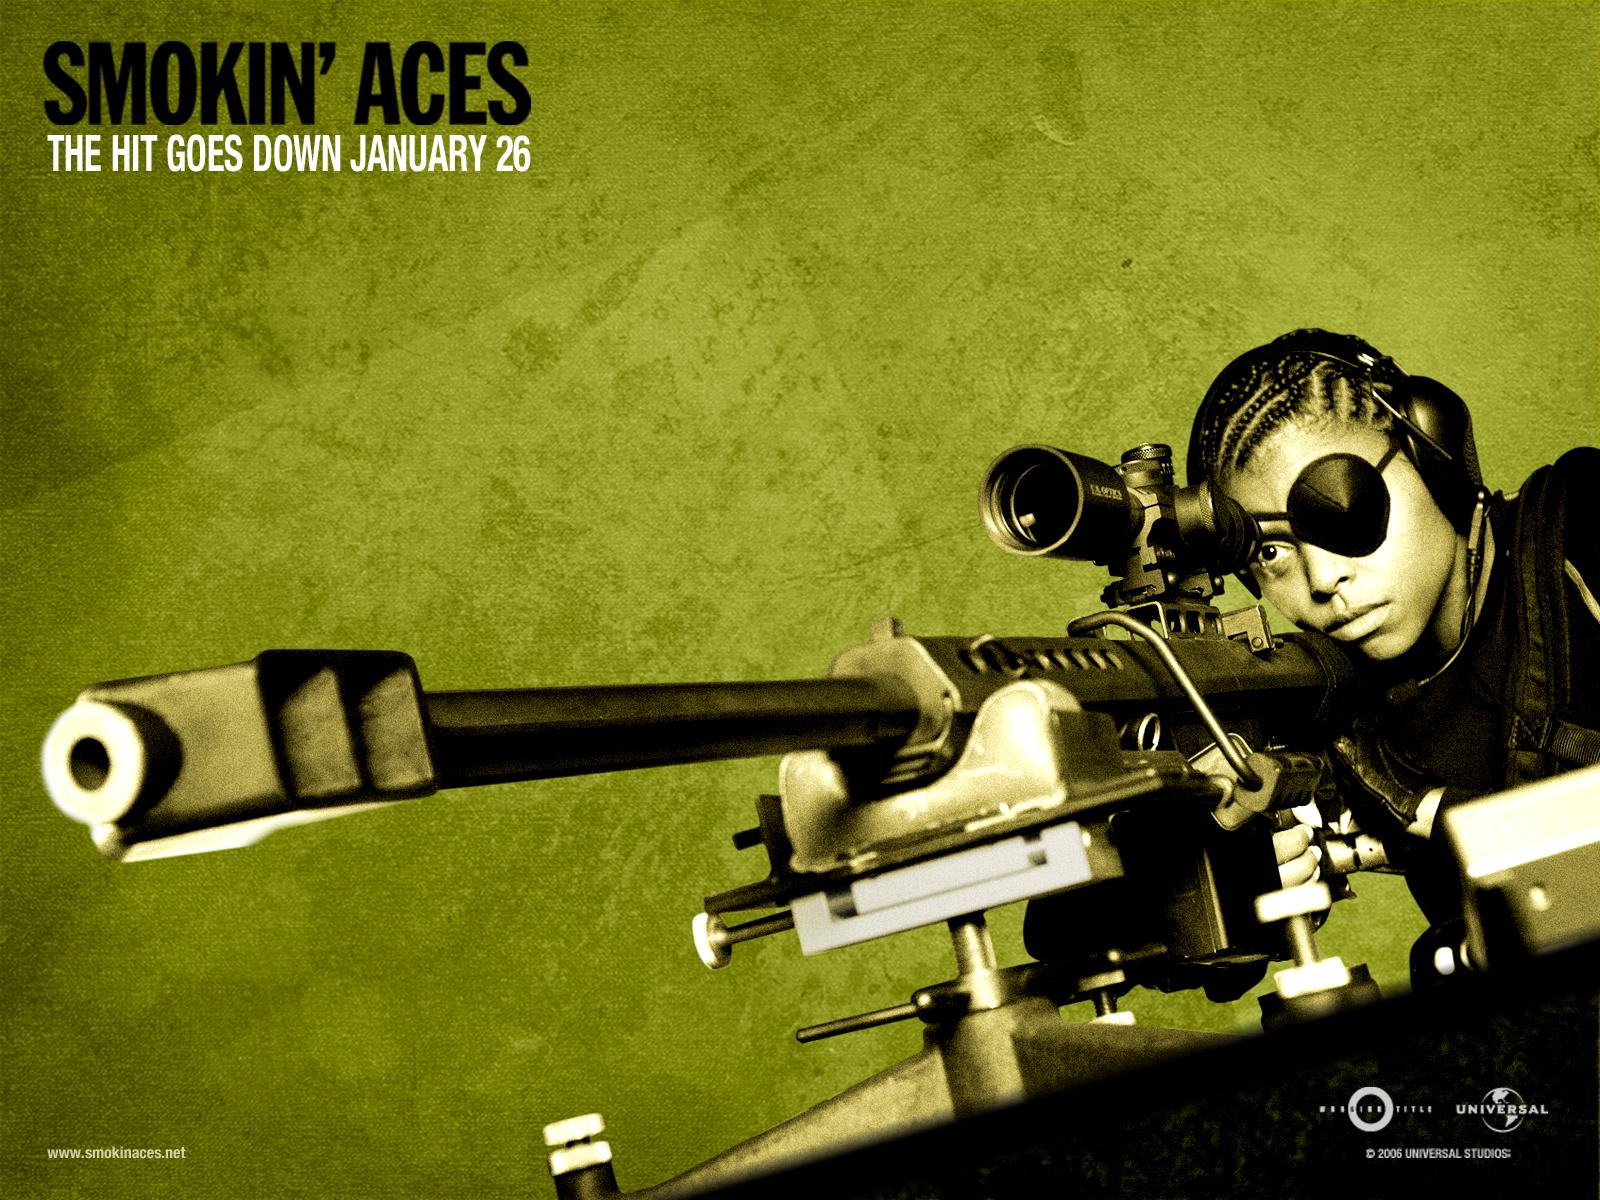 Smokin' Aces [Original Soundtrack] - Original Soundtrack ...